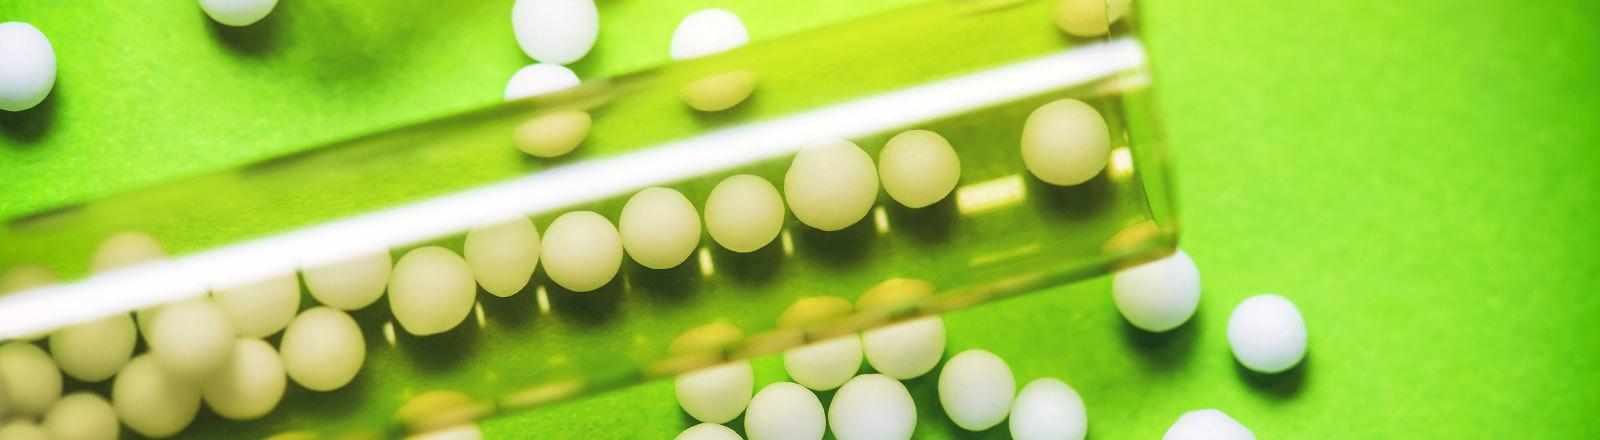 Globuli, homöopathisches Arzneimittel in einem Röhrchen auf grünem Hintergrund.